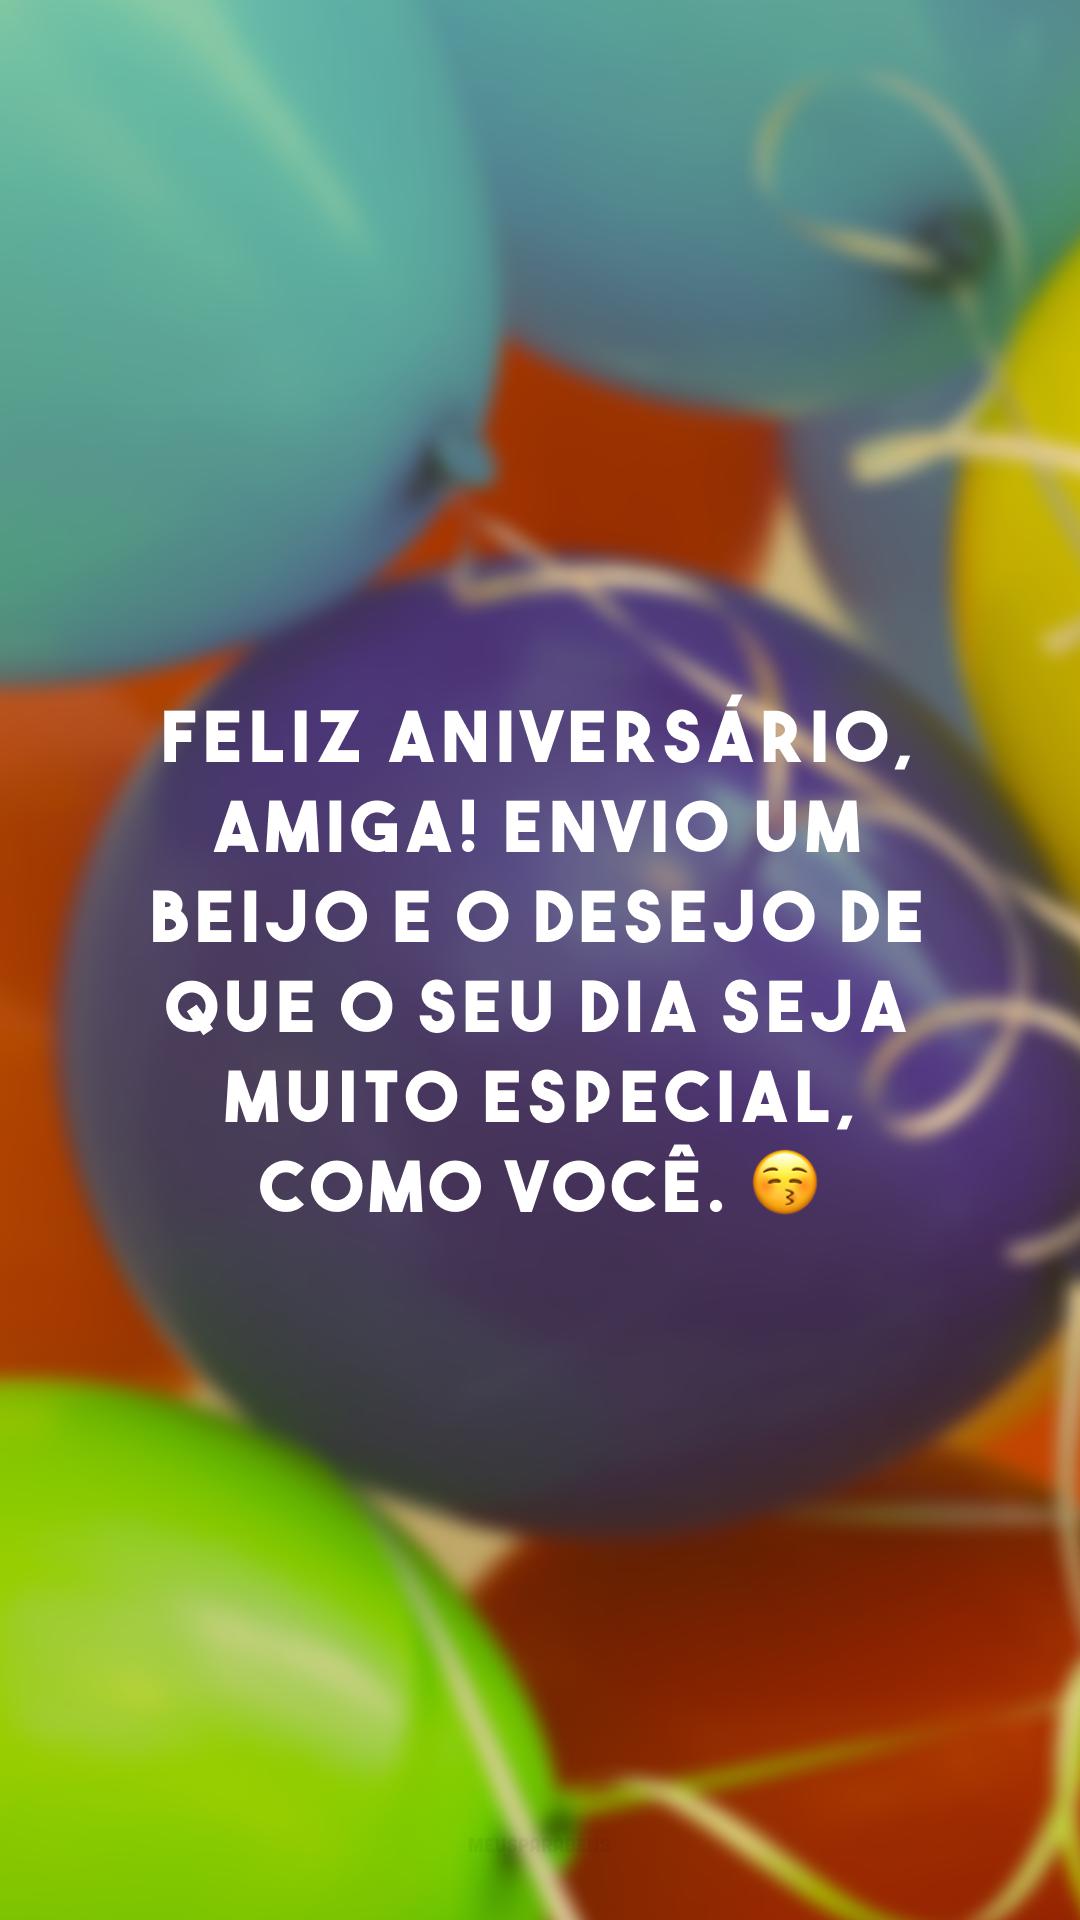 Feliz aniversário, amiga! Envio um beijo e o desejo de que o seu dia seja muito especial, como você. 😚